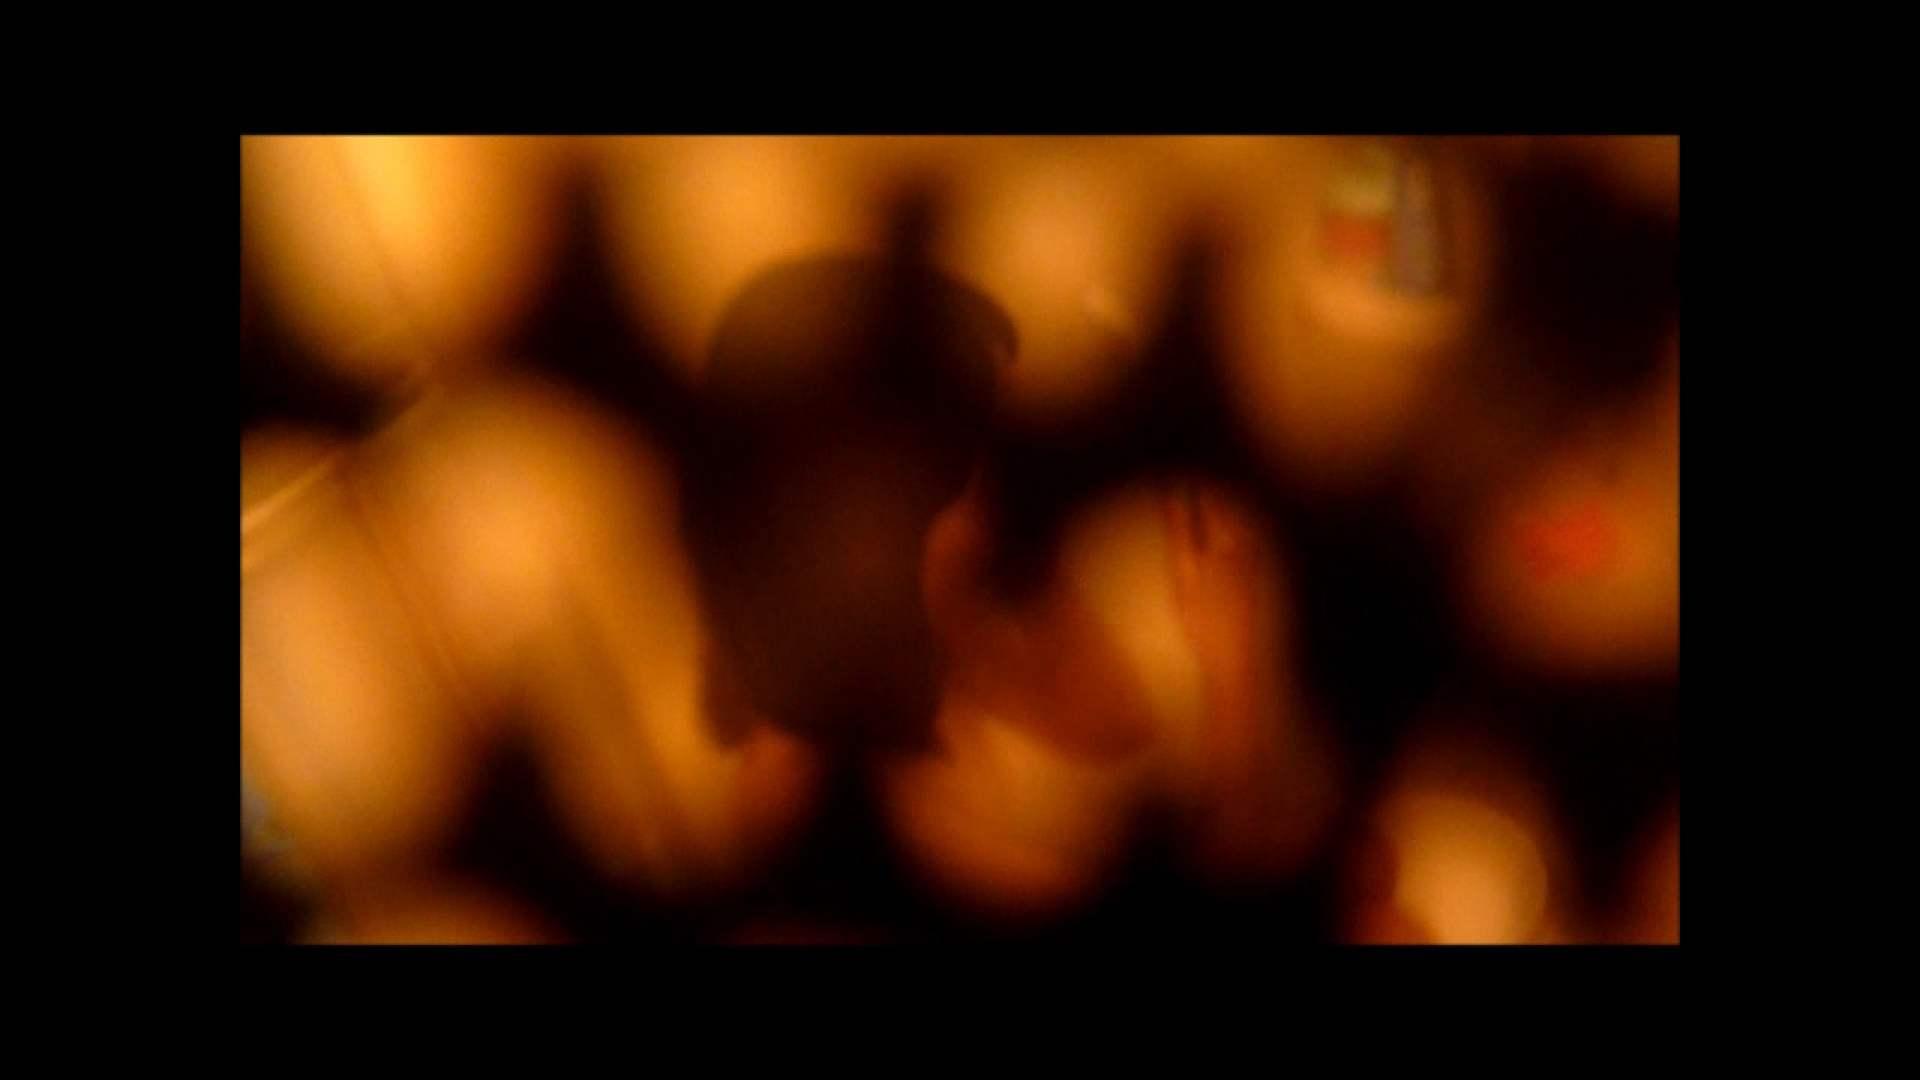 【02】ベランダに侵入して張り込みを始めて・・・やっと結果が出ました。 家宅侵入  107pic 68